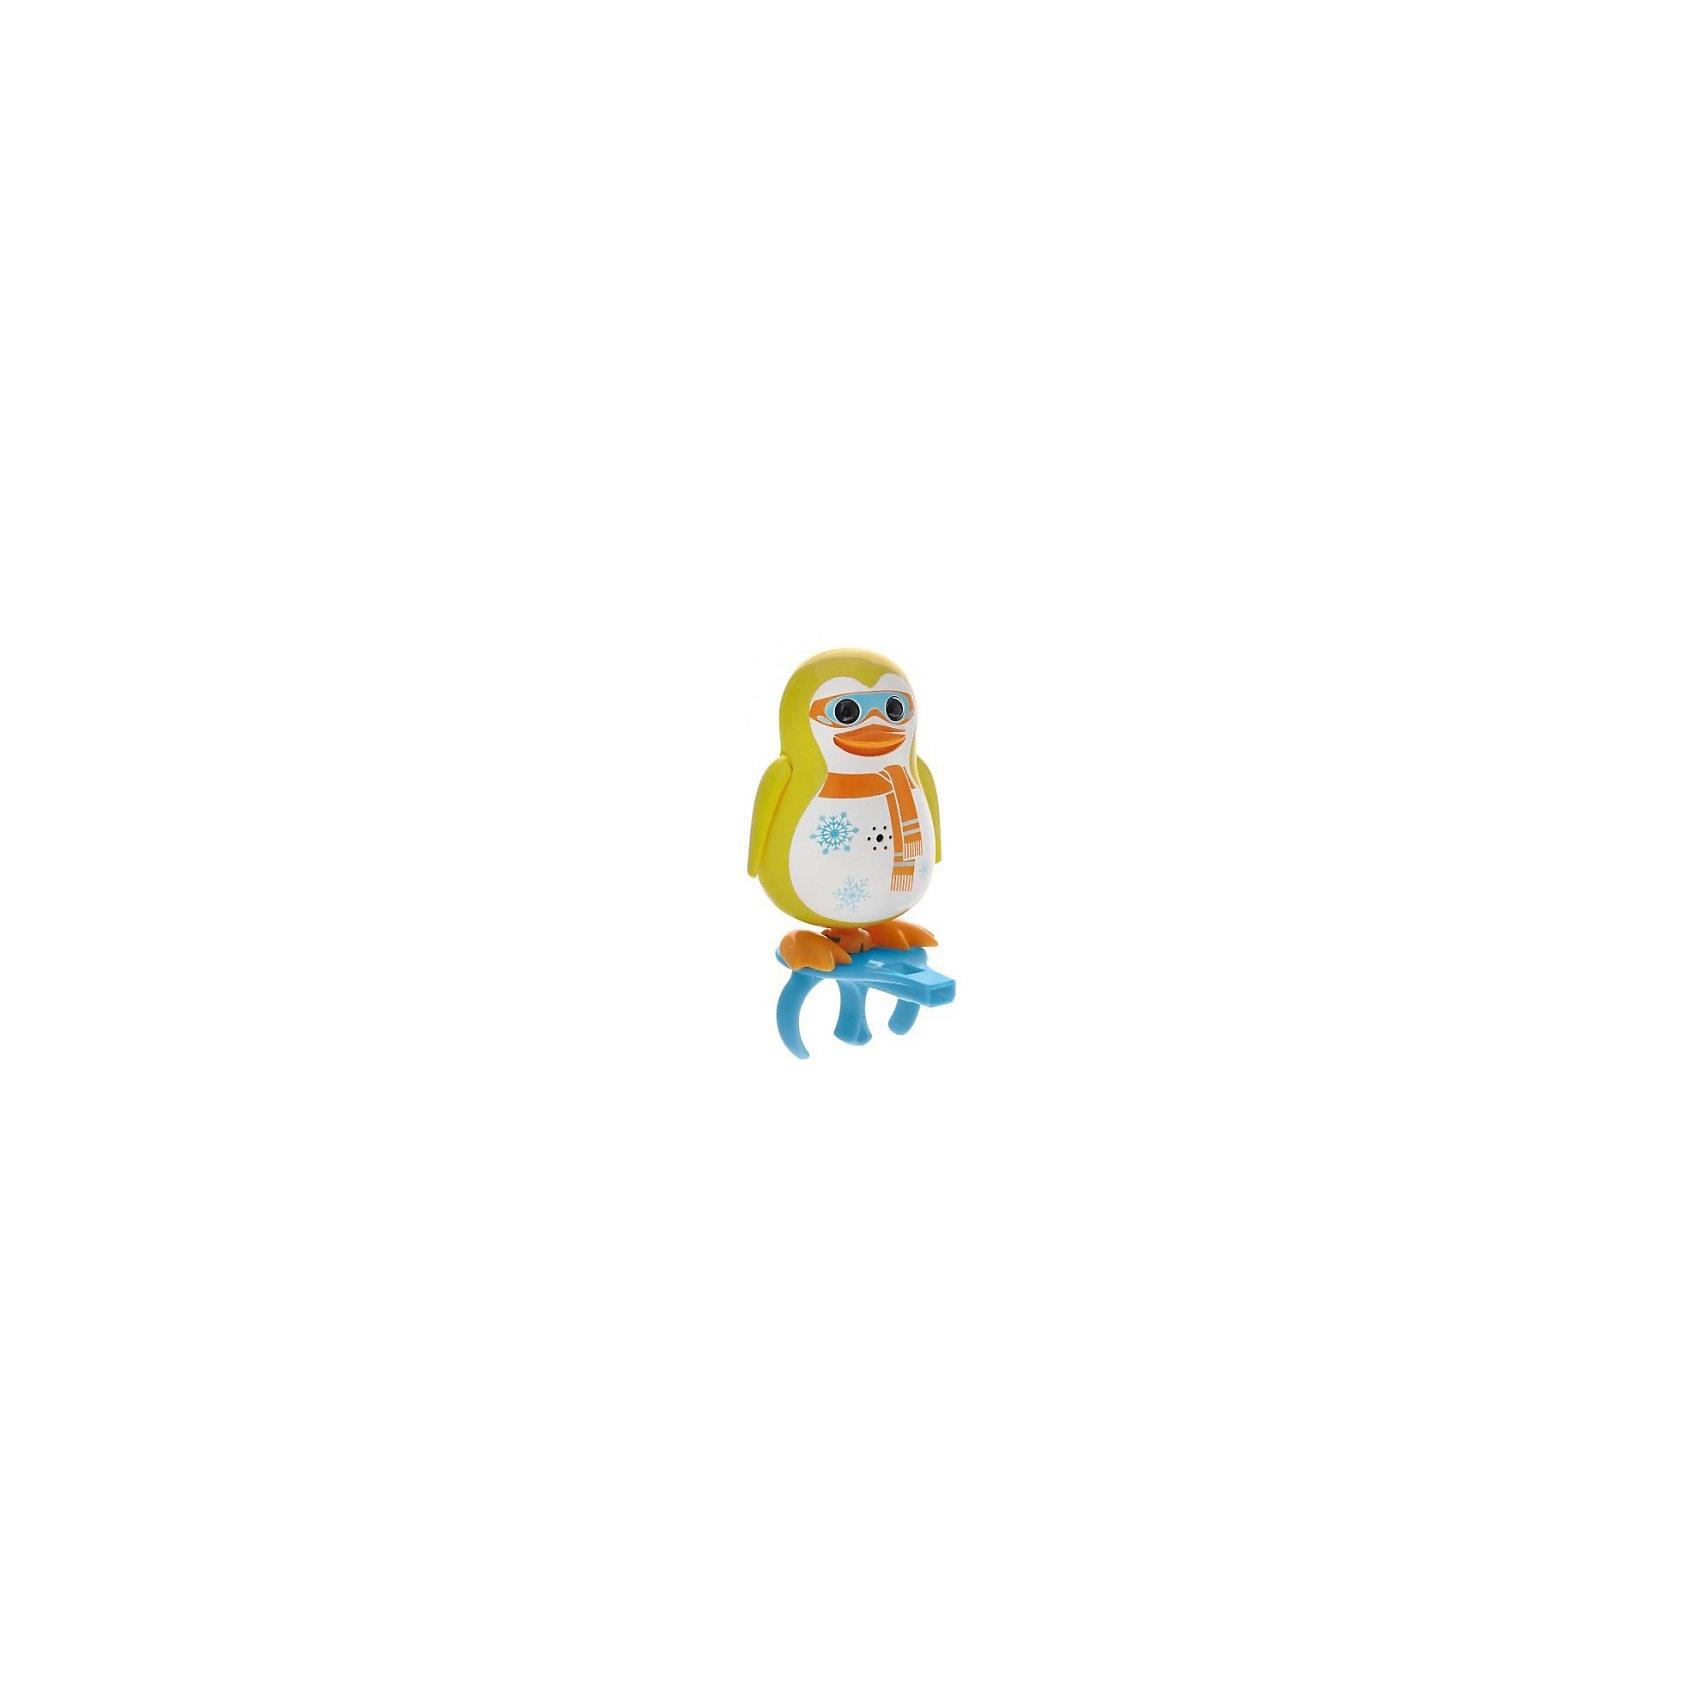 Поющий пингвин с кольцом, желтый, DigiBirdsПоющий пингвин с кольцом, желтый, DigiBirds, Silverlit (Сильверлит) ? интерактивная птичка от мирового производителя детских товаров Silverlit (Сильверлит). Очаровательный пингвин световыми и звуковыми эффектами. Его творческий репертуар состоит из 55 песенок, которые исполняются как в сольном виде, так и в хоровом. Имея столь разнообразный репертуар, эта игрушка вряд ли быстро наскучит вашему ребенку. Активируется игрушка тремя способами: на нее достаточно подуть или посвистеть в свисток, который идет в комплекте, или резко взмахнуть по воздуху, держа птичку в руке. Кроме того, пингвин умеет танцевать: в такт музыке машет крыльями, покачивает корпусом, поворачивает головой и ракрывает клюв. Кроме того, каждый пингвин наделен своим уникальным движением.<br>Поющий пингвин с кольцом, желтый, DigiBirds, Silverlit (Сильверлит) ? совершенно уникальная игрушка, которая не только развлекает вашего ребенка, но и занимается его музыкальным развитием. В первую очередь, она способствует формированию музыкального слуха и памяти. Простые действия: подуть в свисток, подуть на пингвина ? простые, но очень эффективные упражнения, которые направлены на развитие речевого аппарата.<br>Поющий пингвин с кольцом, желтый, DigiBirds, Silverlit (Сильверлит) ? это миниатюрный музыкальный центр для вашего ребенка. <br><br>Дополнительная информация:<br><br>- Вид игр: сюжетно-ролевые игры <br>- Предназначение: для дома<br>Дополнительные функции: синхронизация со всеми персонажами DigiFriends<br>- Батарейки: 3 шт. LR44<br>- Материал: высококачественный пластик<br>- Размер (ДхШхВ): 6,4*15,2*10,2 см<br>- Вес: 91 г<br>- Комплектация: пингвин, свисток-кольцо для птички, инструкция, батарейки<br>- Особенности ухода: протирать влажной губкой<br><br>ВНИМАНИЕ! Данный артикул имеется в наличии в разных цветовых исполнениях (синий, фиолетовый, красный, черный, зеленый, желтый). К сожалению, заранее выбрать определенный цвет невозможно. <br><br>Подробнее:<br><br>•